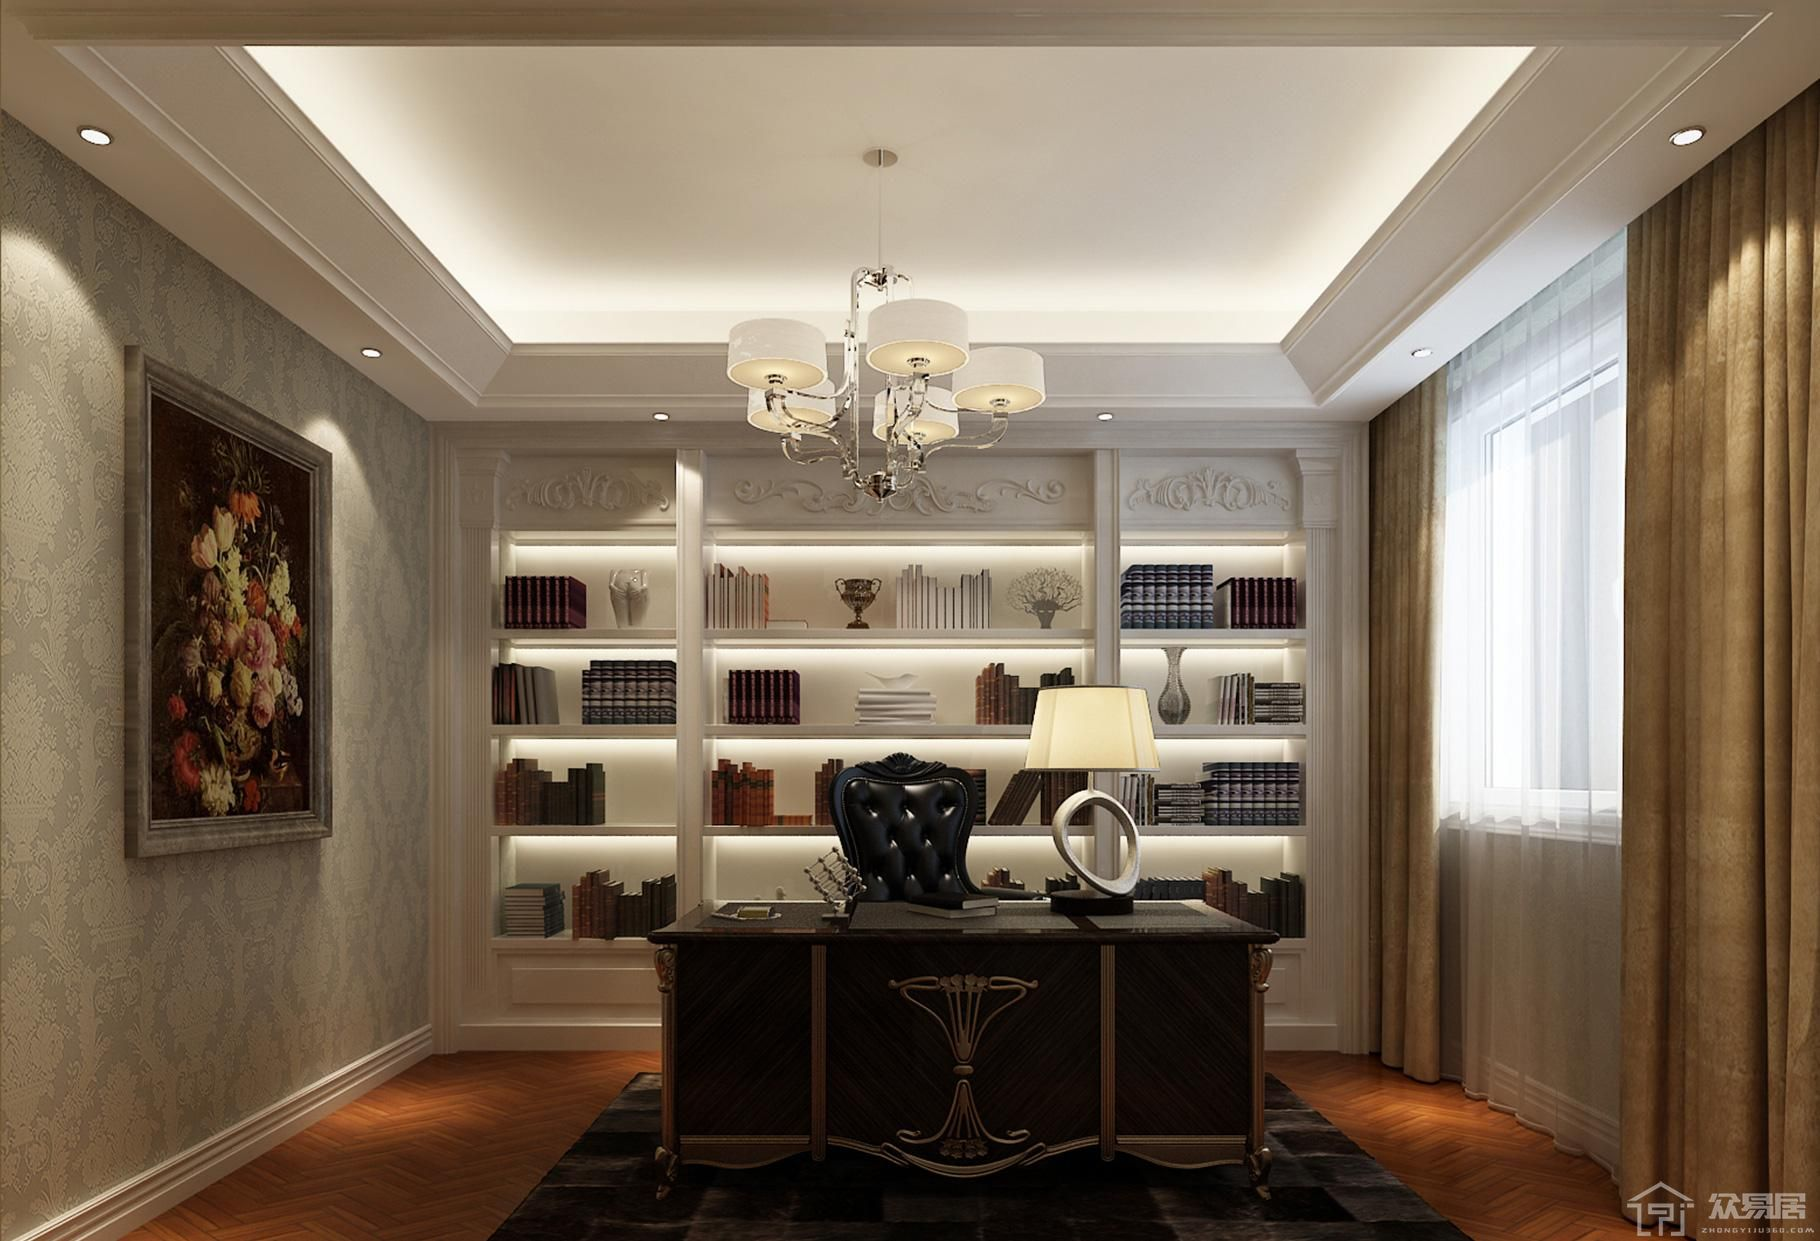 浪漫书房怎么装修设计 浪漫书房装修设计效果图